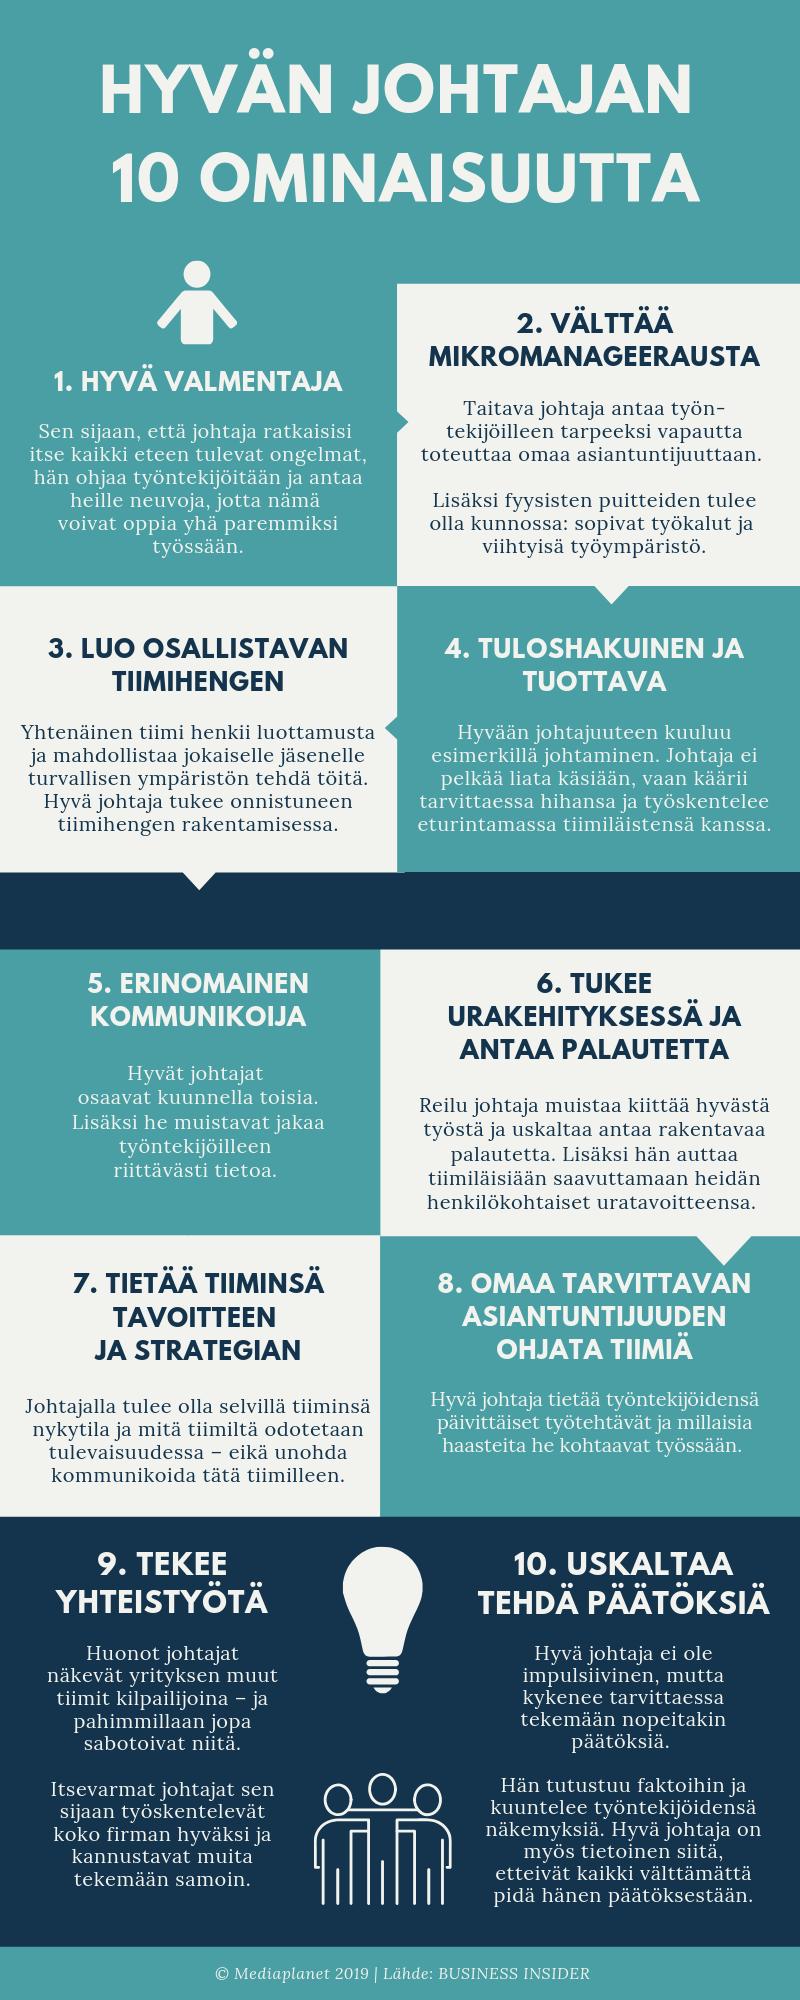 hyvän johtajan 10 ominaisuutta infografi